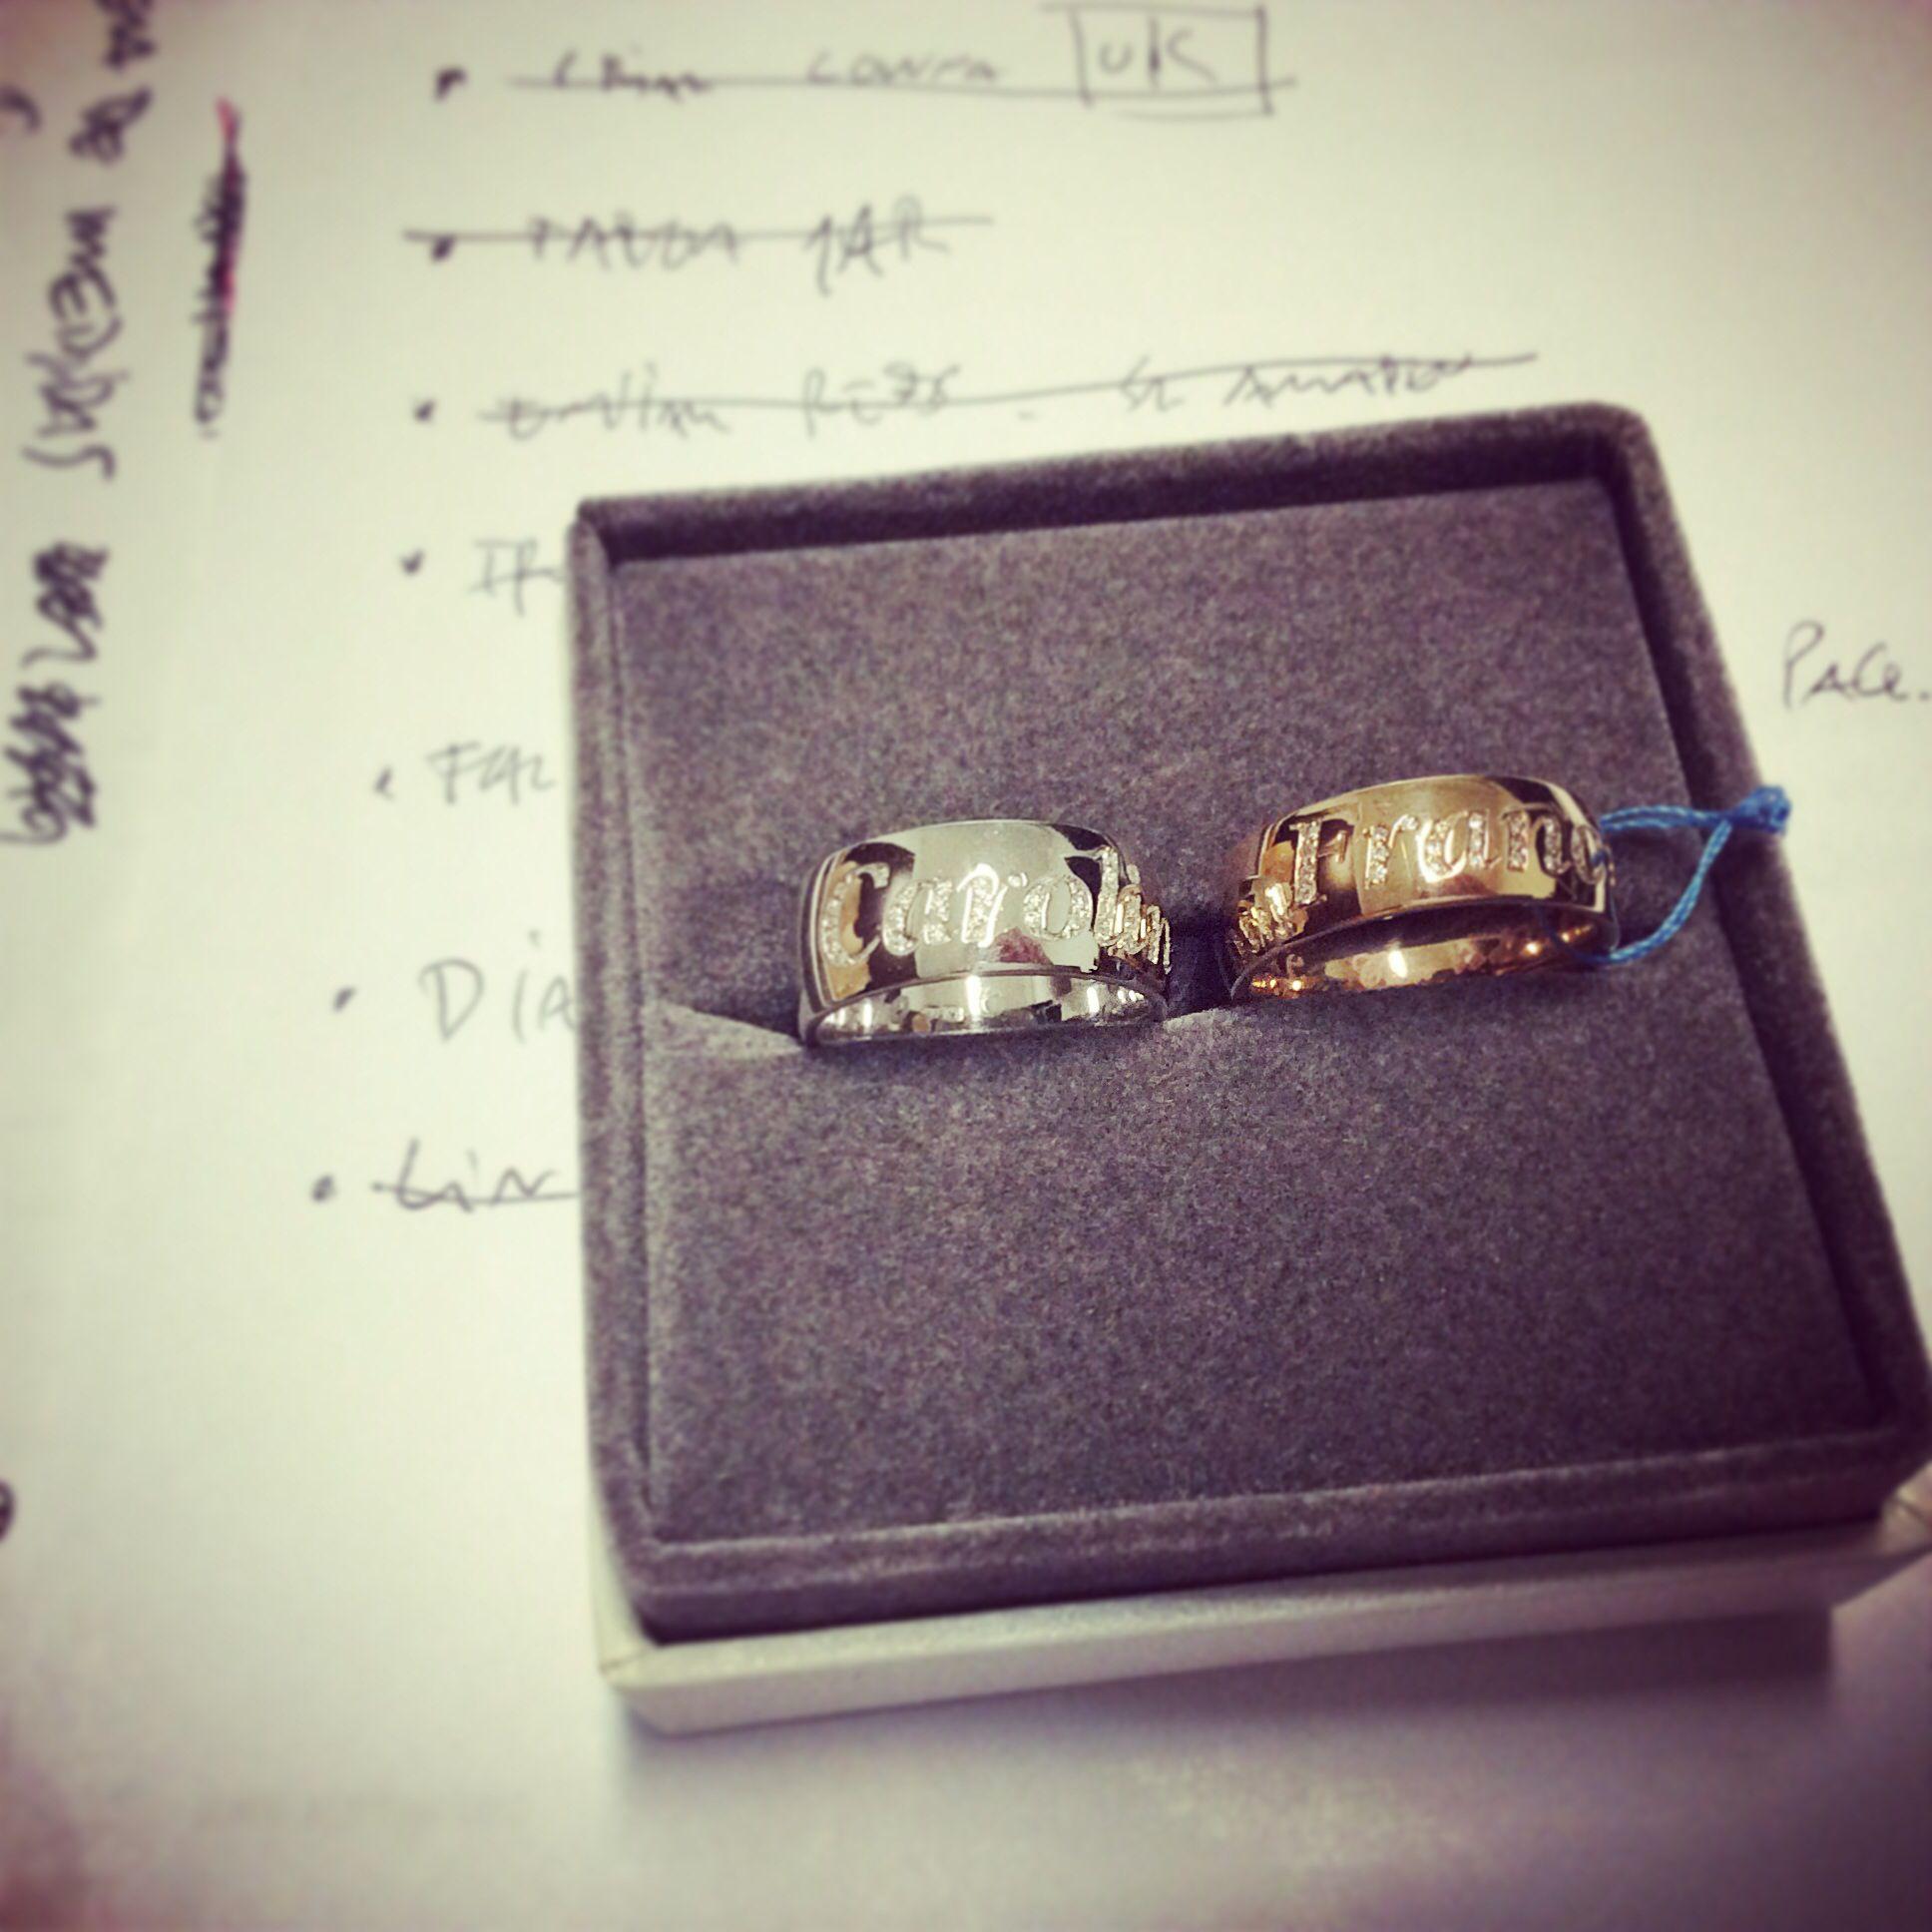 Anéis em ouro e diamantes! Personaliza o teu!